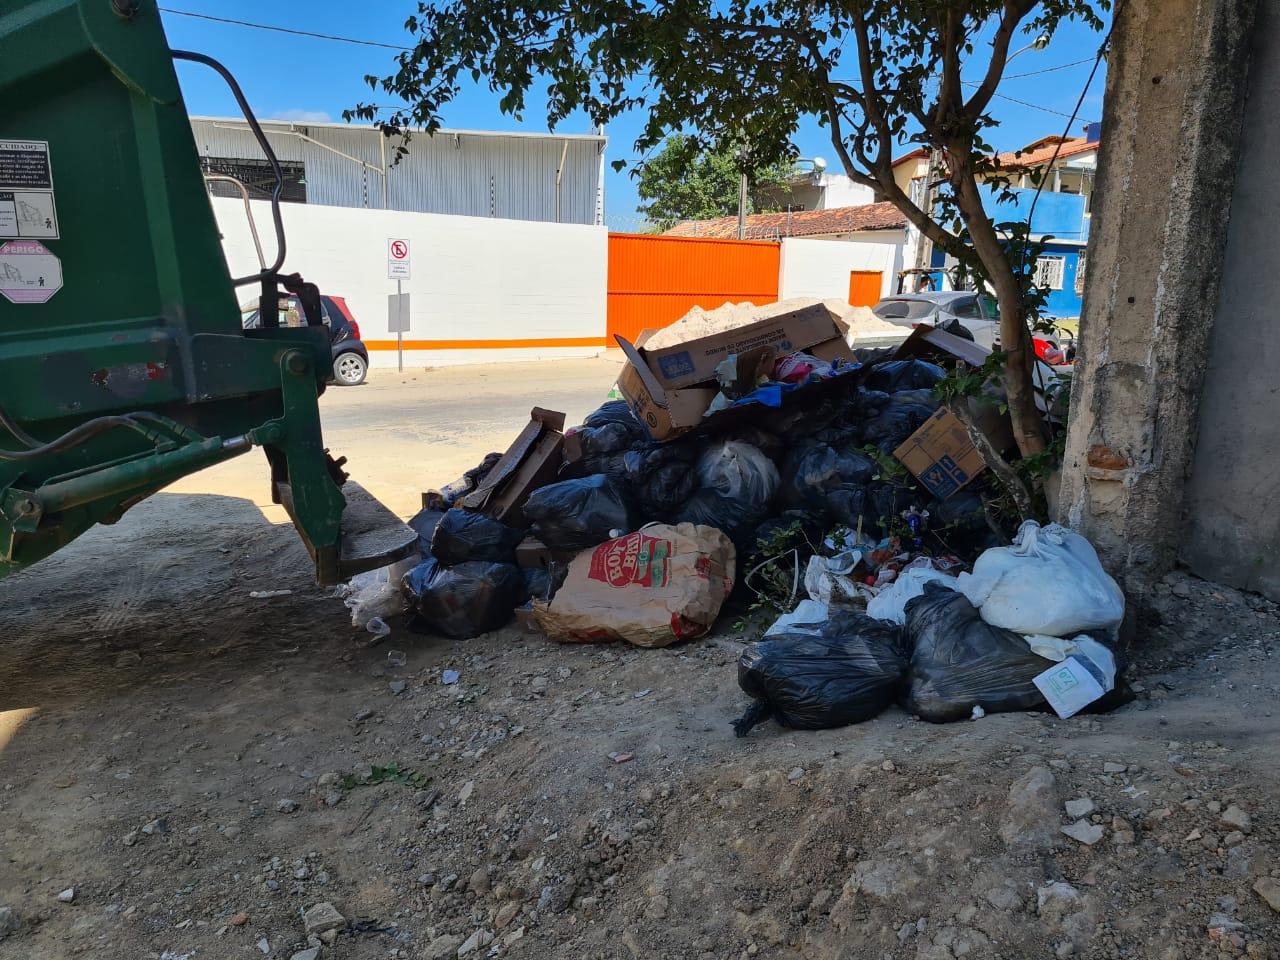 Prefeitura de Eunápolis notifica hospital que cometeu crime ambiental e sanitário ao descartar lixo hospitalar de modo inadequado 20